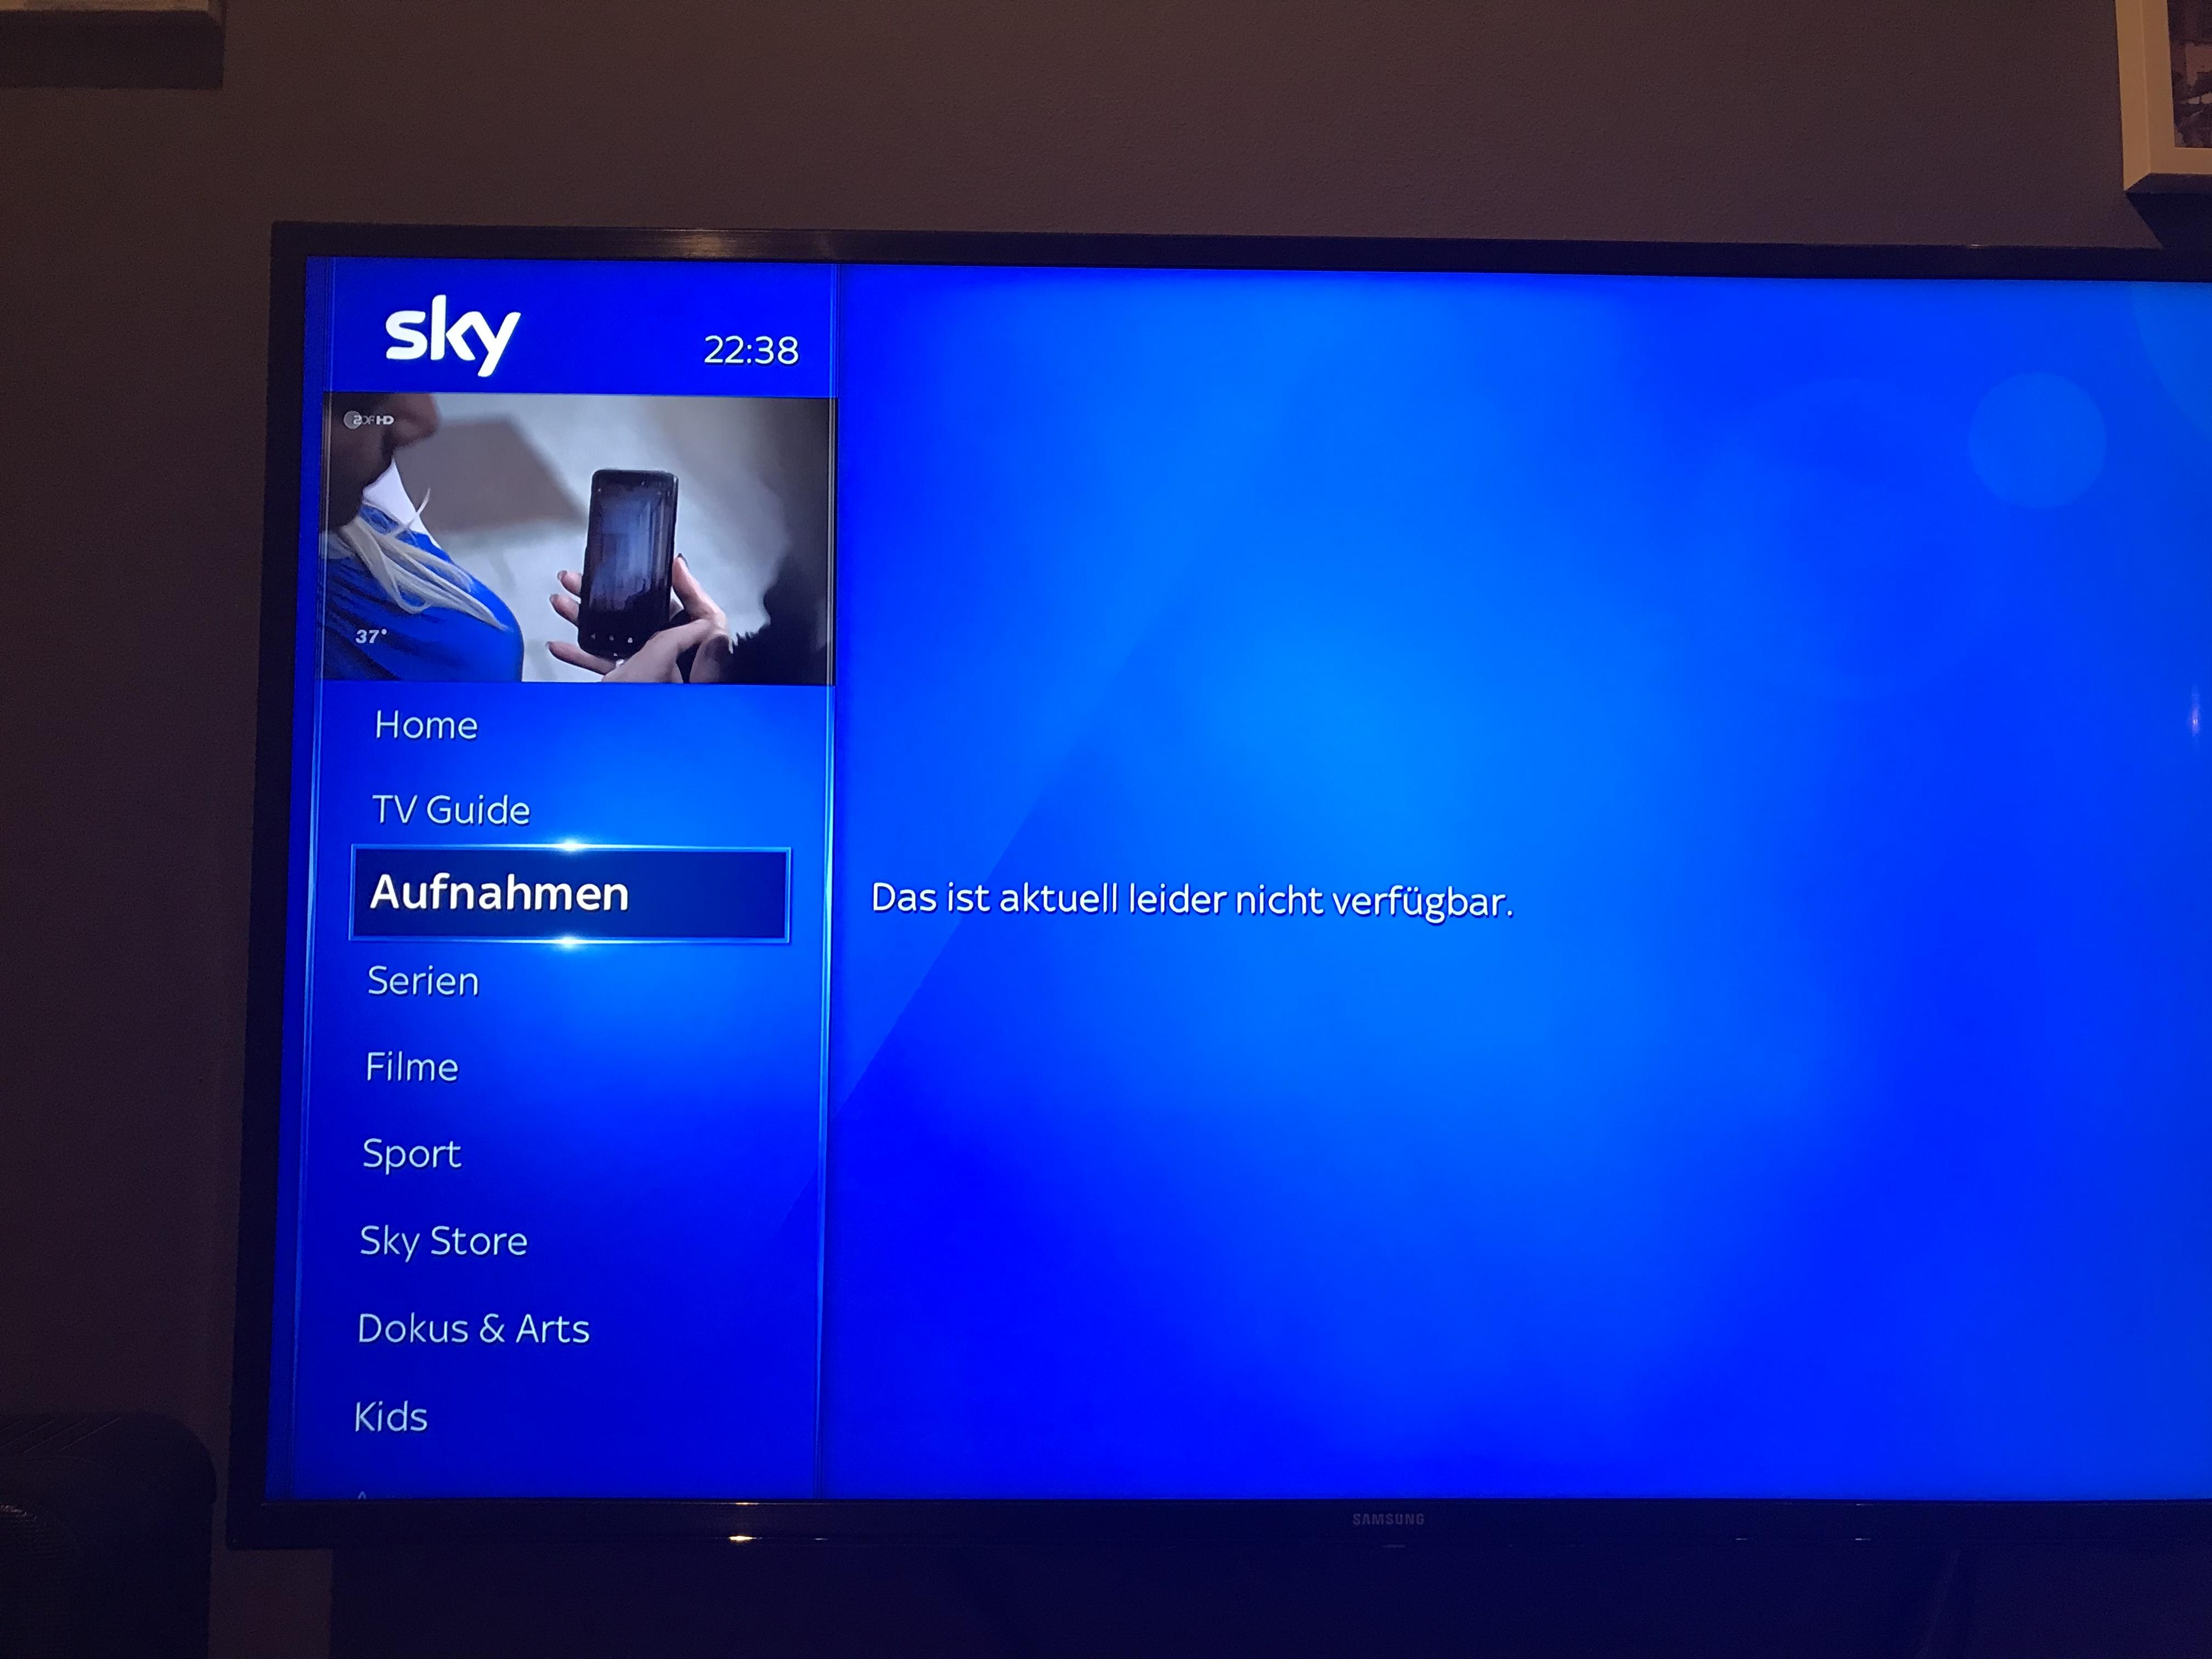 Sky Aufnahme Funktioniert Nicht